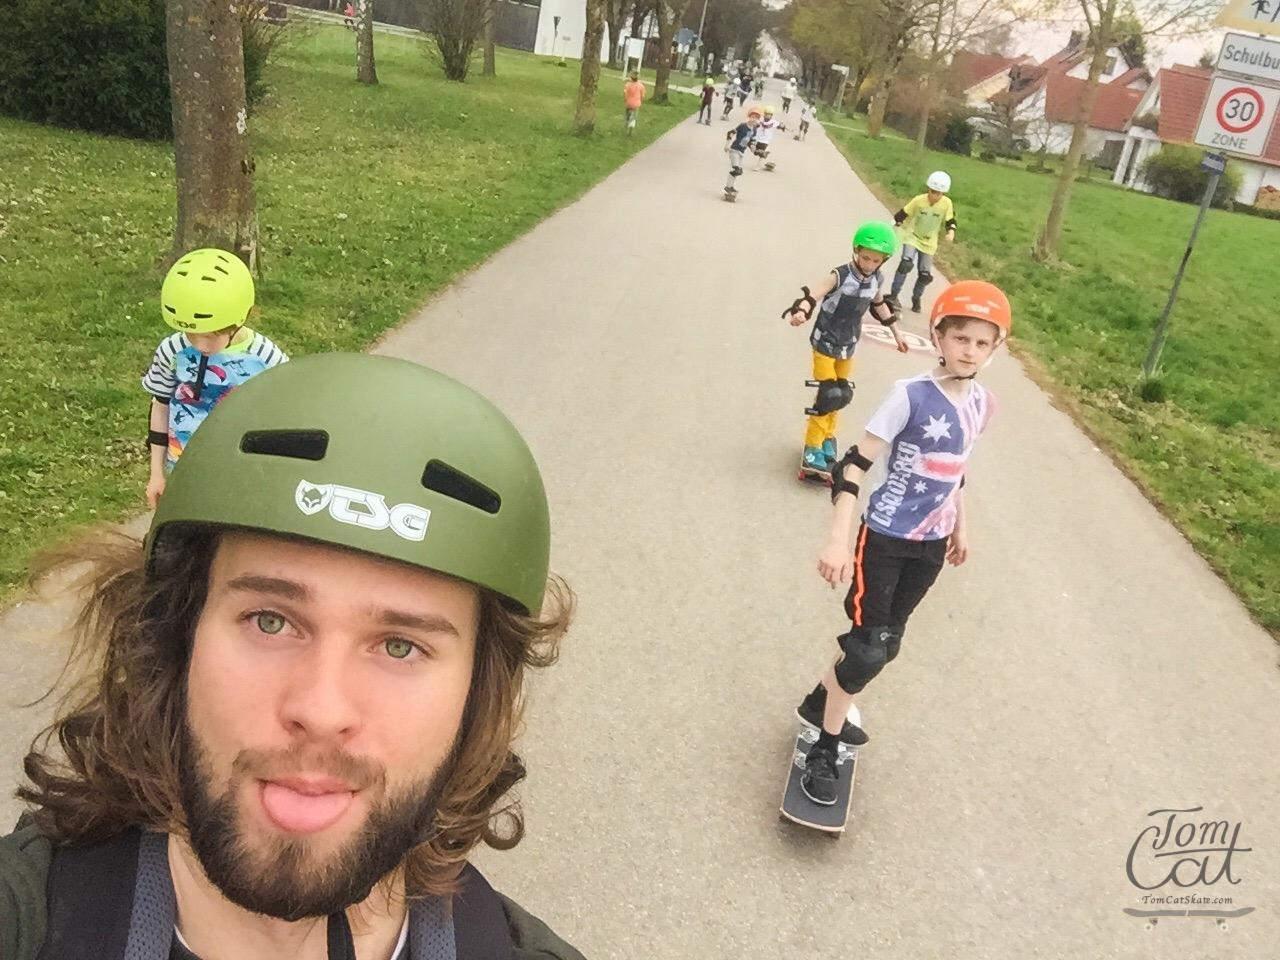 Skatekurs Geburtstag München Geburtstagsfeier Geburtstagsparty Skateboardkurs Holzkirchen.JPG